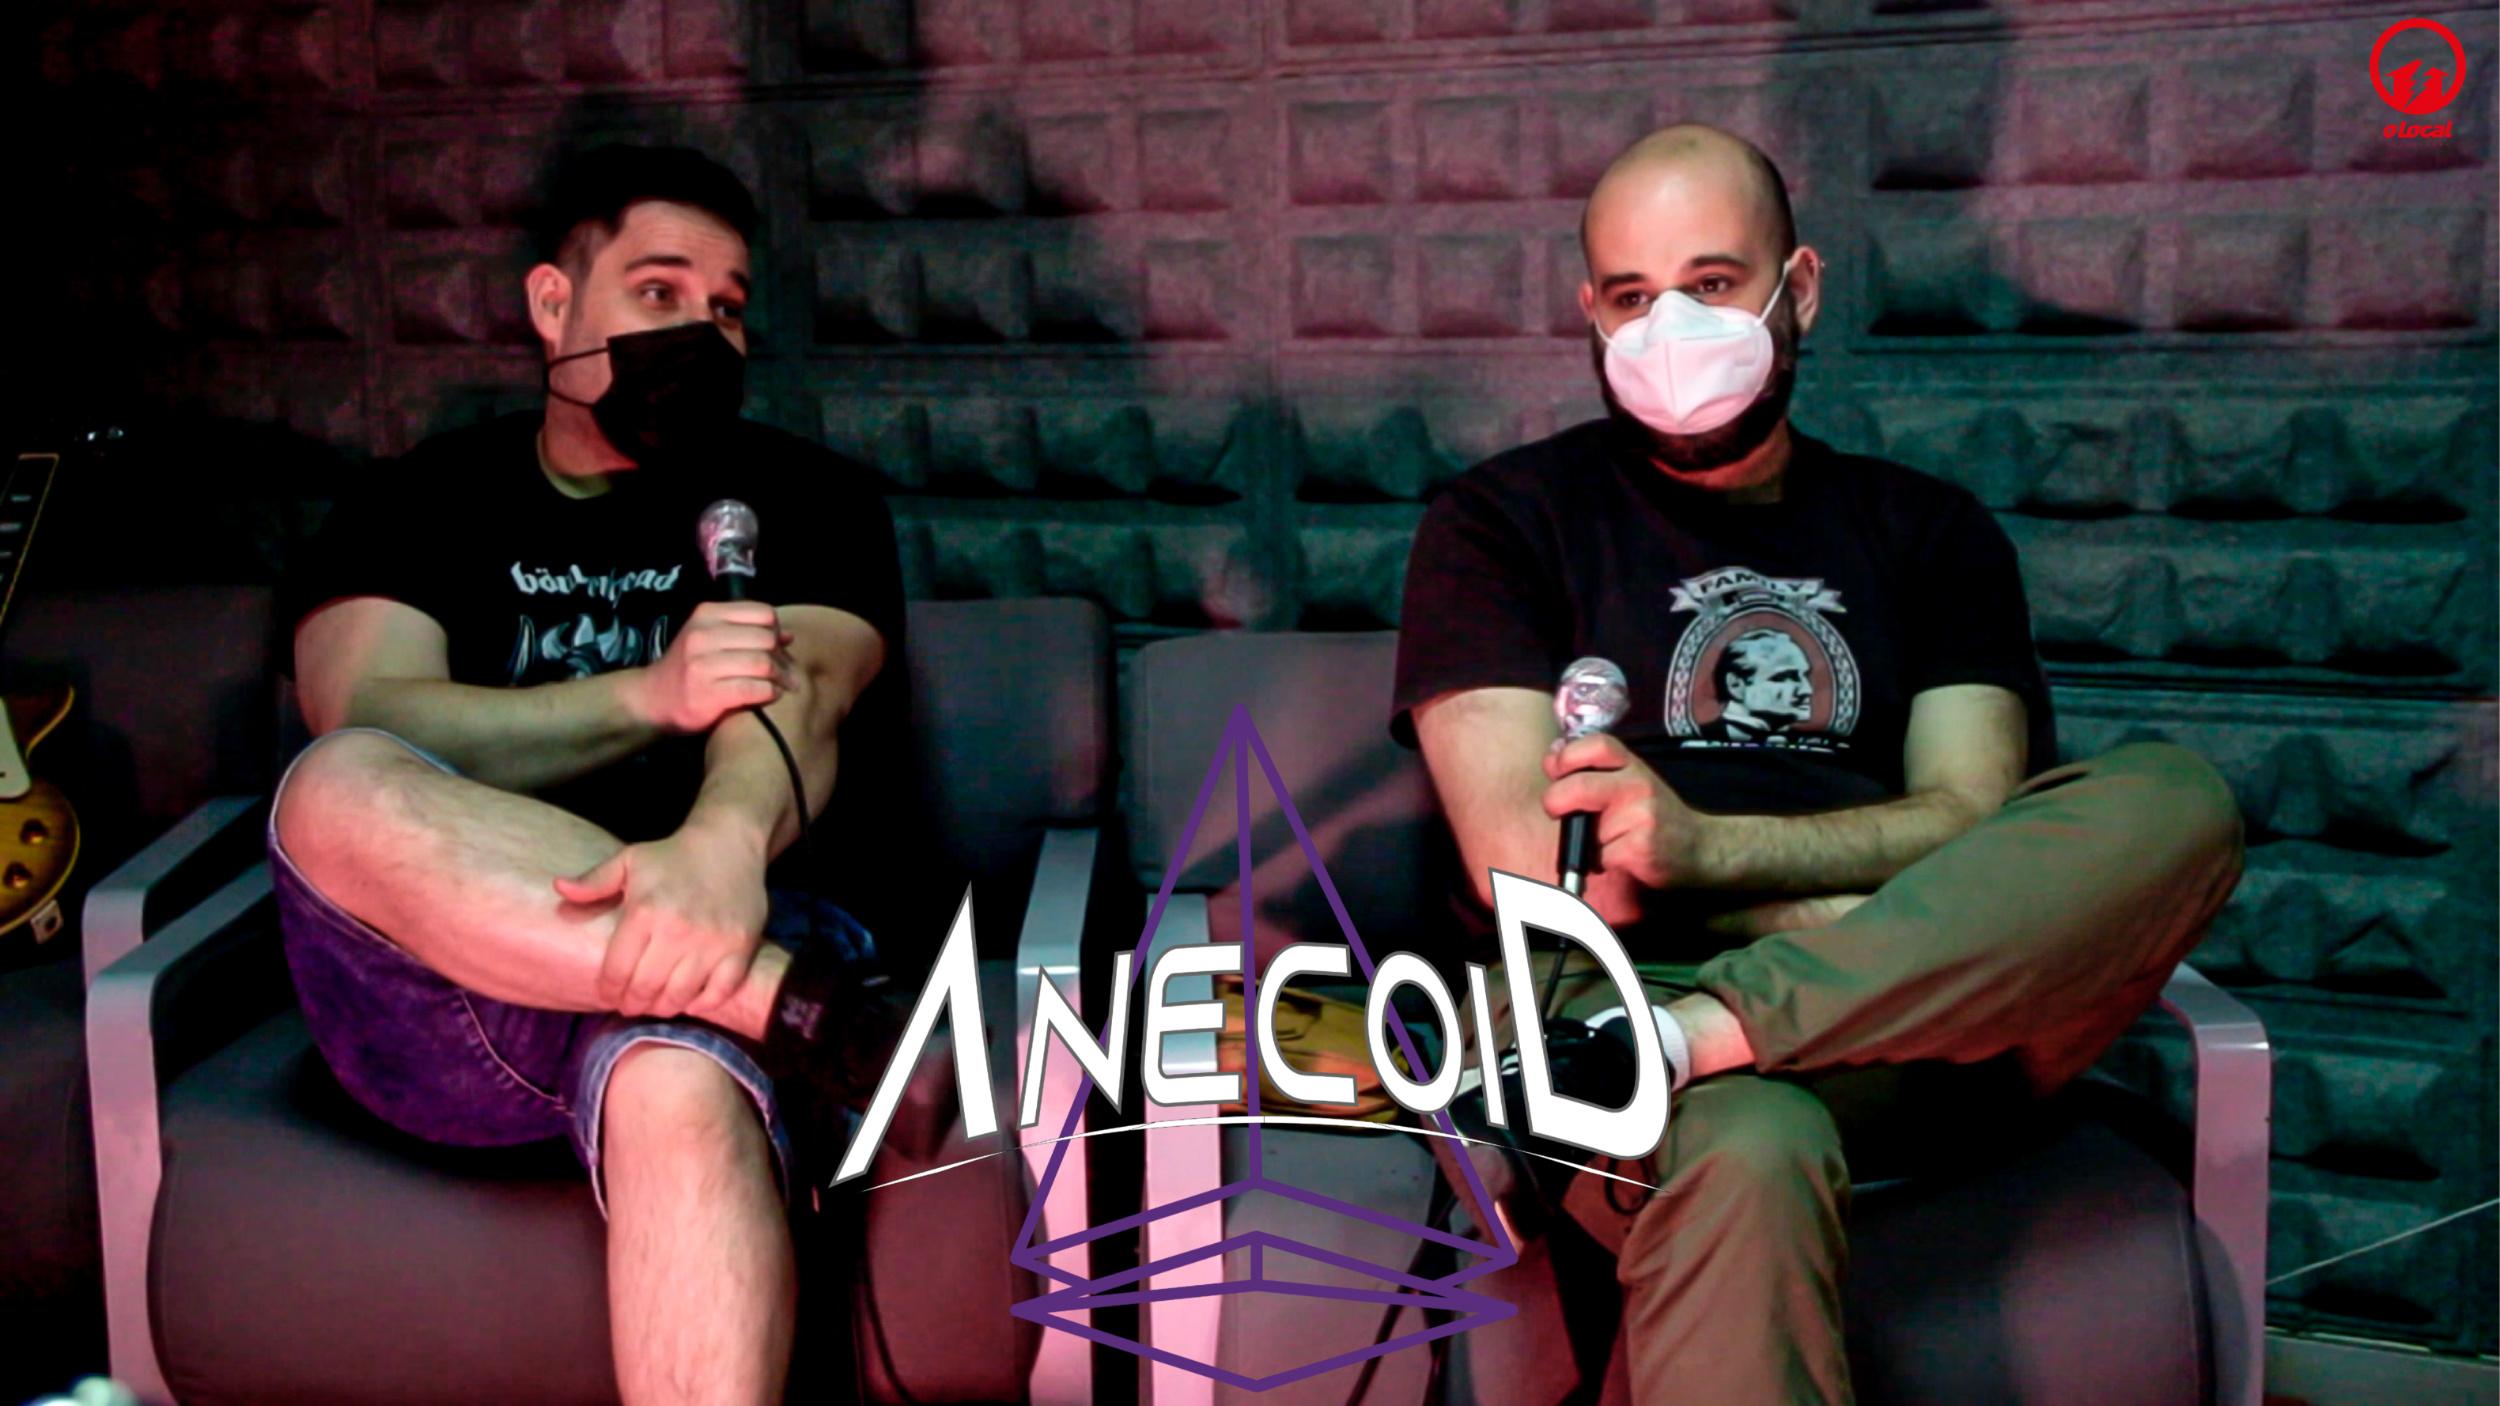 ⚡️LP3 ⚡️O camiño á profesionalización de 🔥 ANECOID 🔥